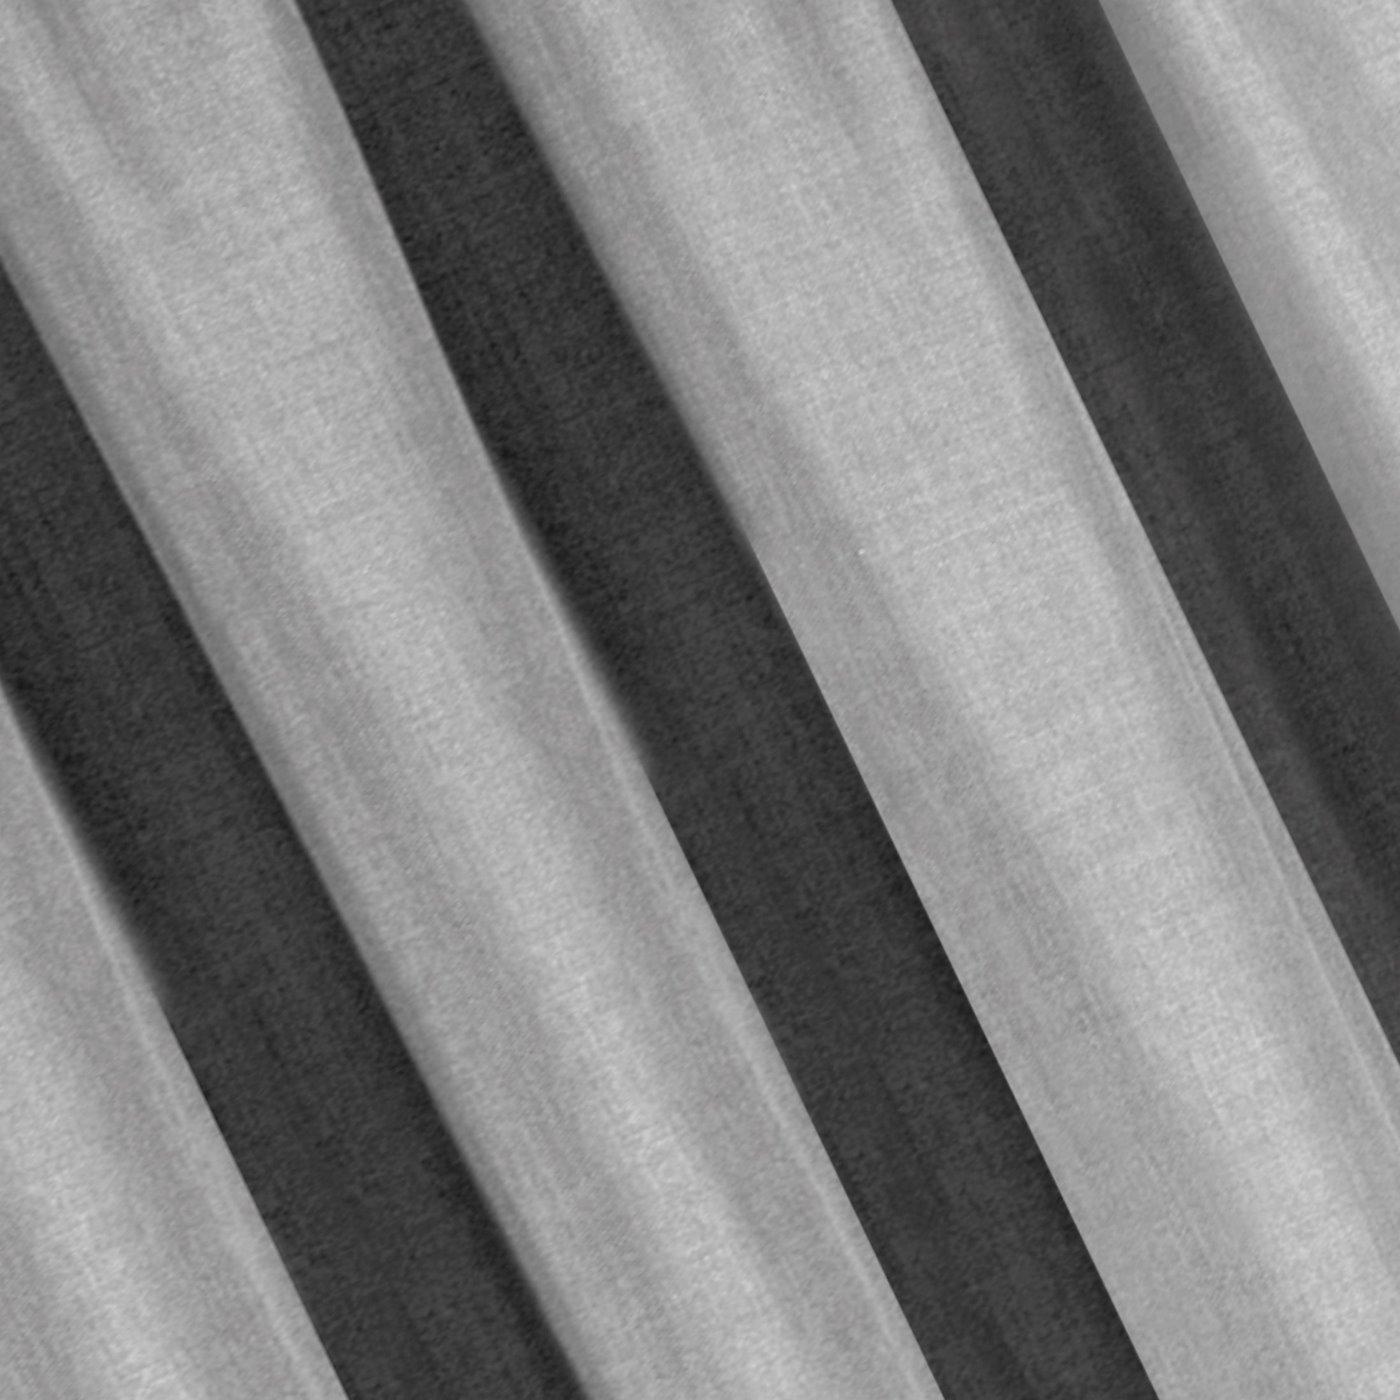 Srebrna ZASŁONA o strukturze płótna na taśmie marszczącej 140x270 cm